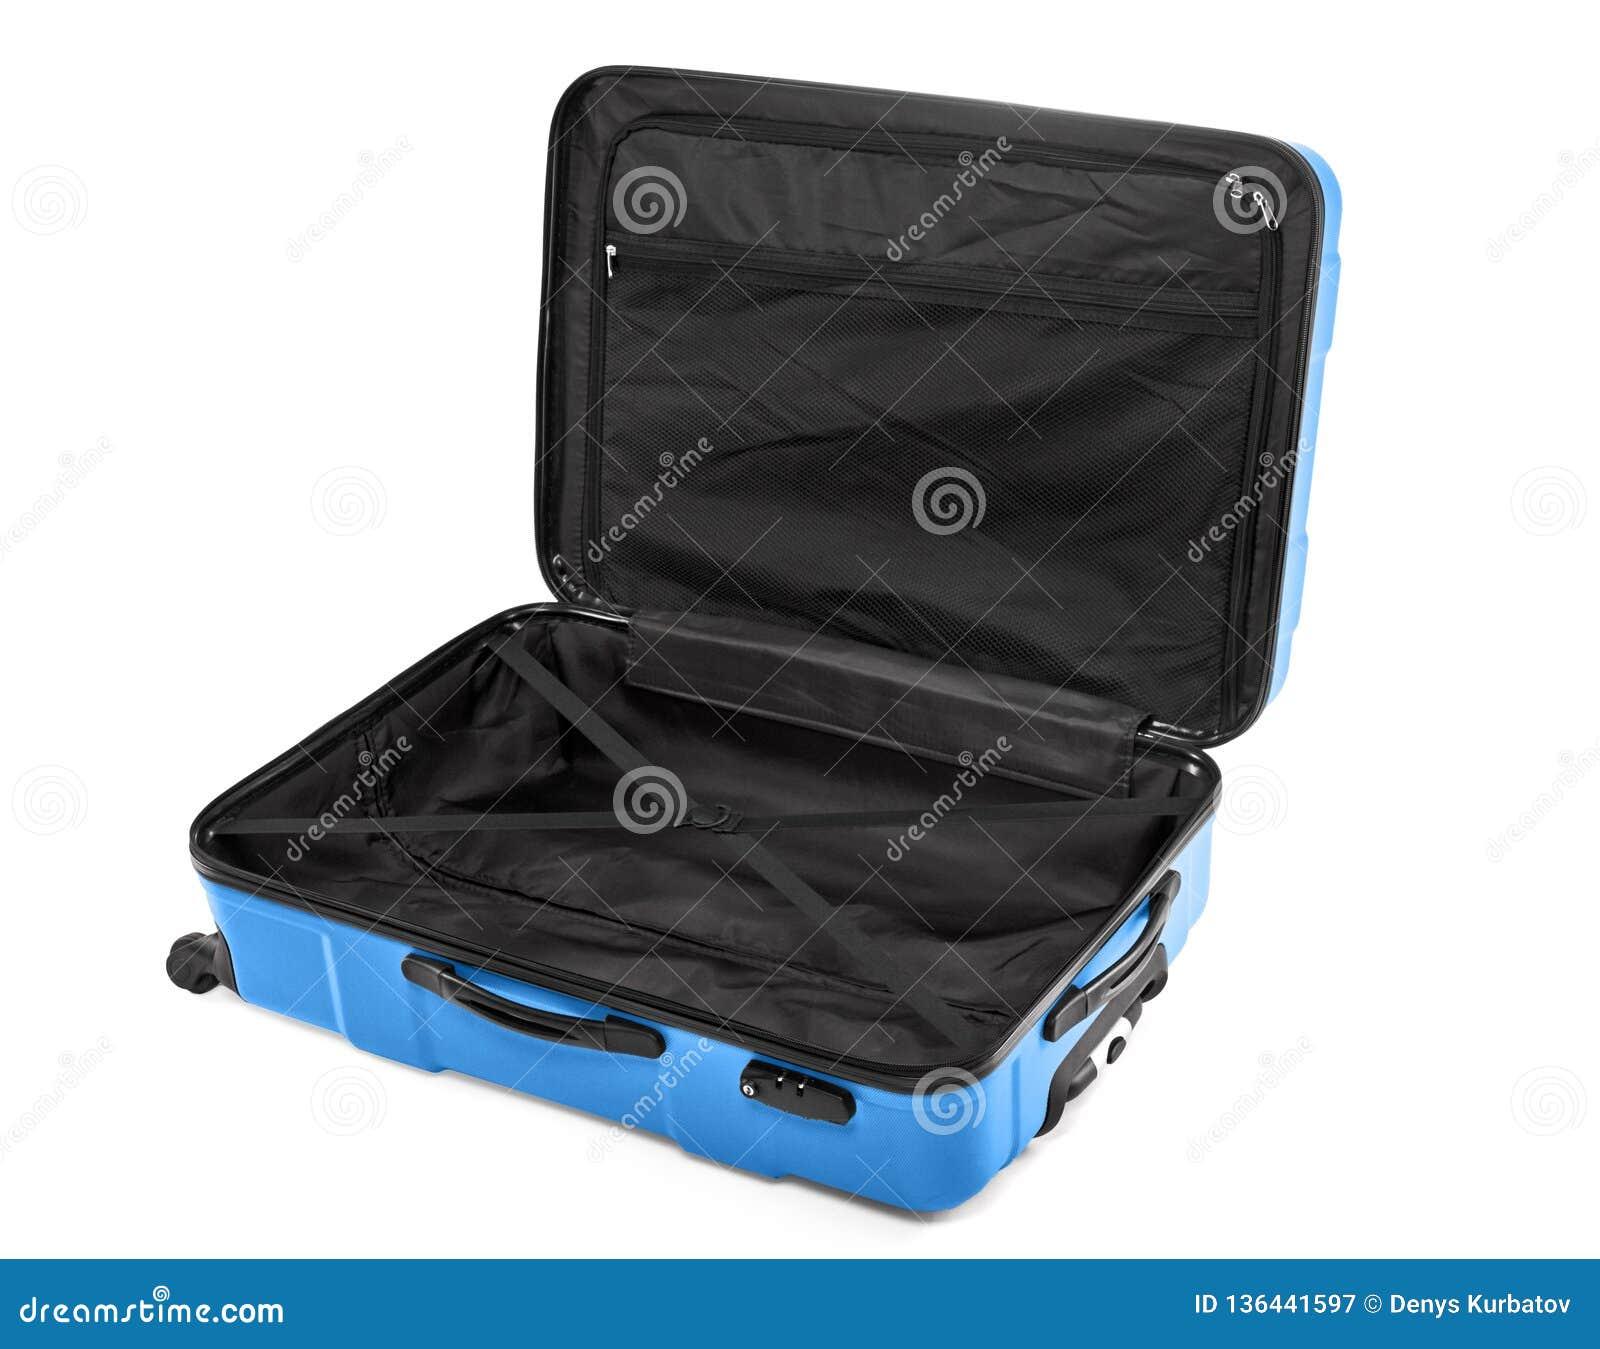 1d2902307c Valigia vuota aperta immagine stock. Immagine di viaggio - 136441597